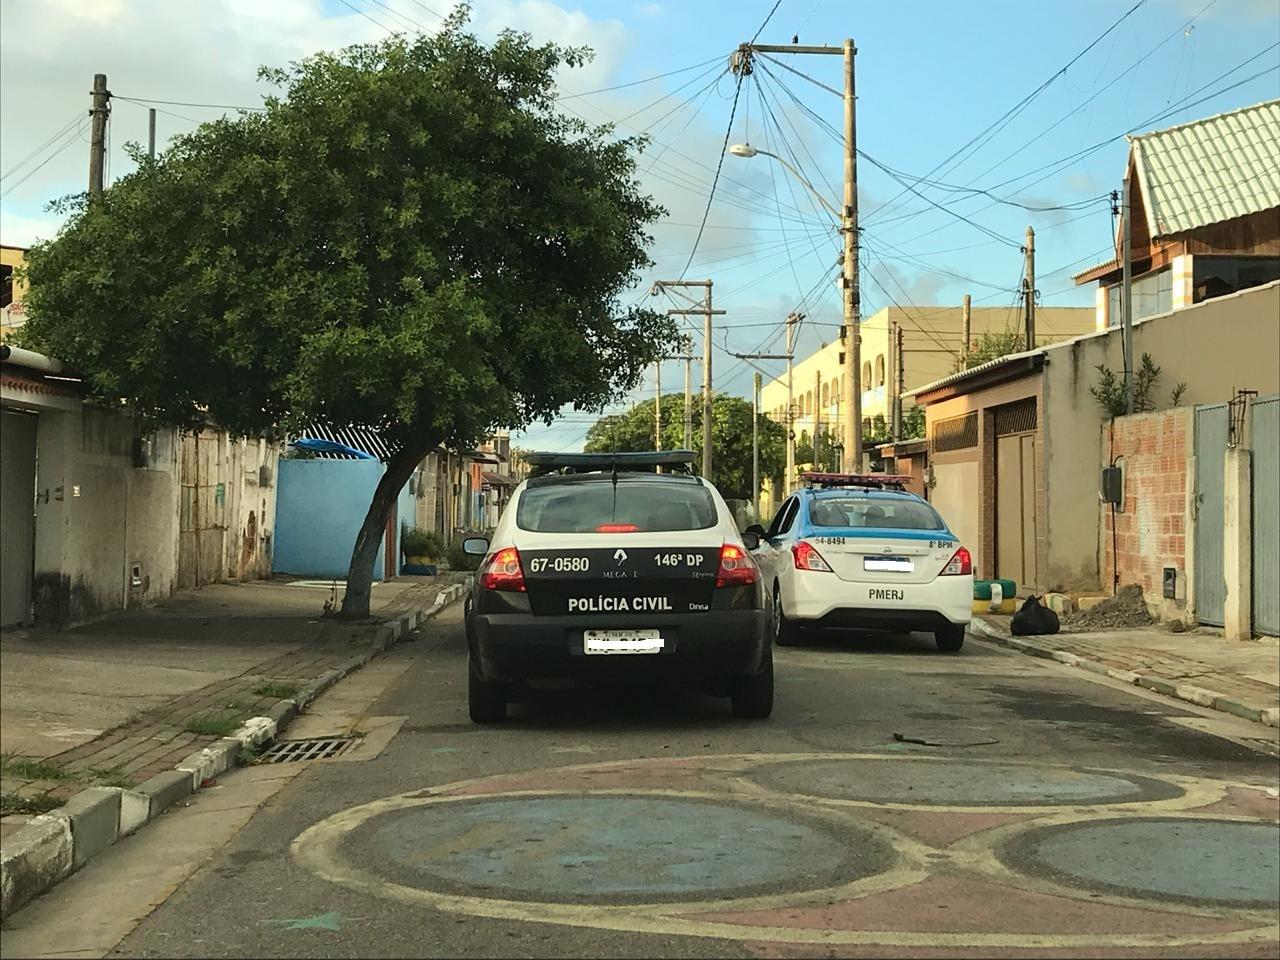 Polícia prende 10 pessoas no Norte e Noroeste em megaoperação pelo Brasil e em cidades do interior do RJ - Noticias